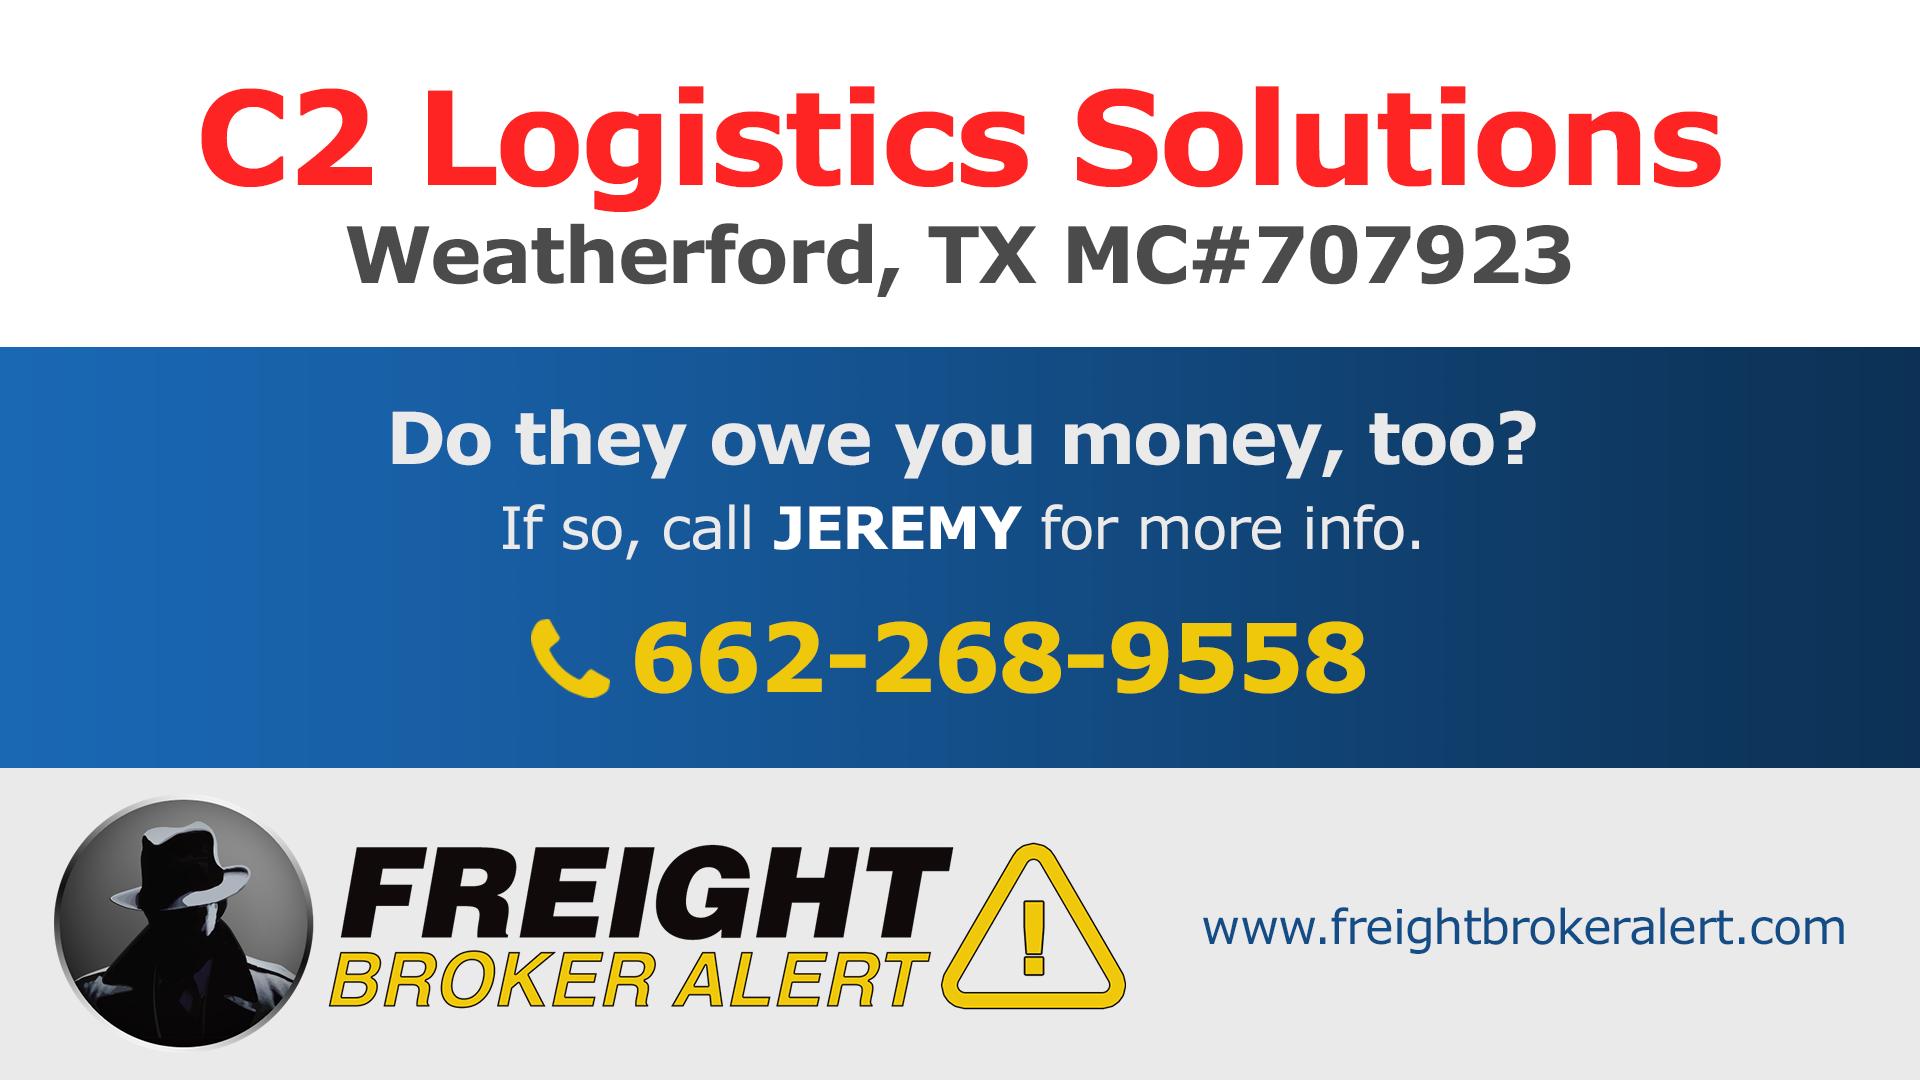 C2 Logistics Solutions LLC Texas